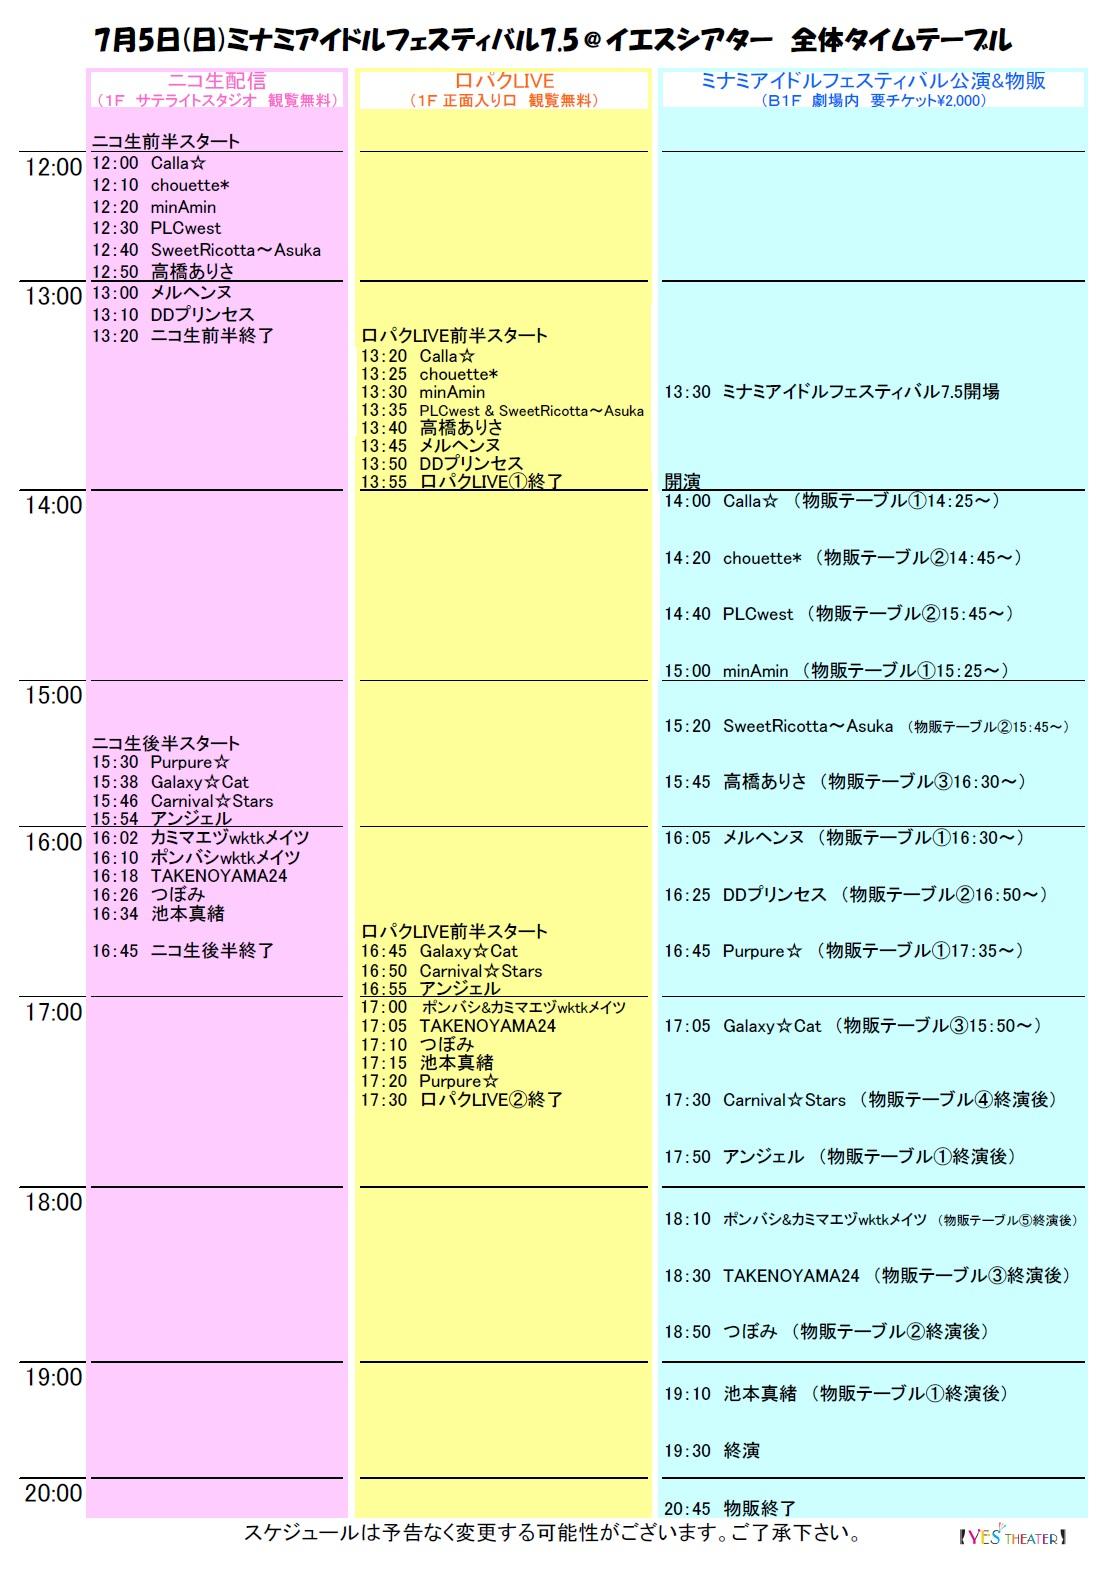 平成27年7月5日(日) ミナミアイドルフェスティバル7.5